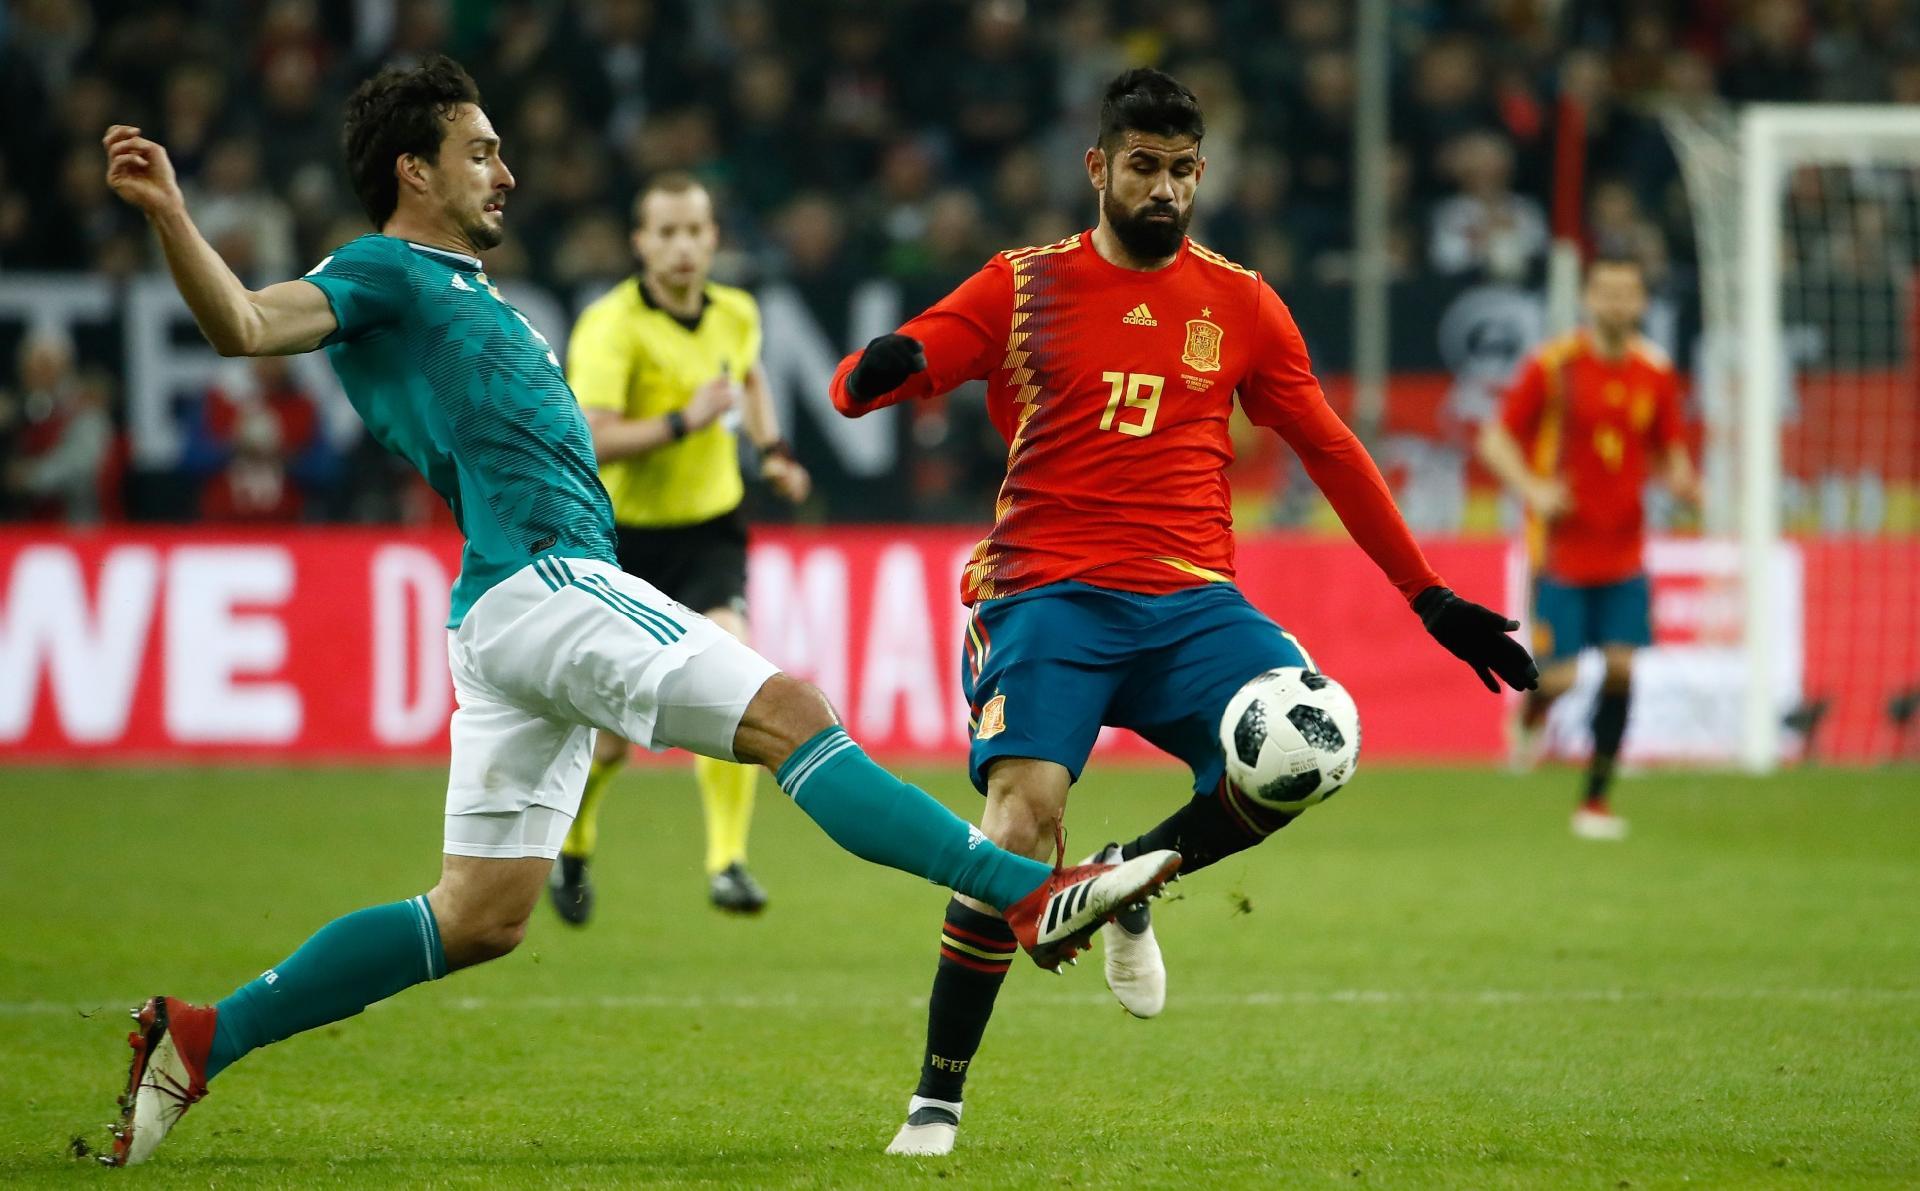 Copa do Mundo 2018  Técnico da Espanha anuncia lista para Copa do Mundo com  três brasileiros - UOL Copa do Mundo 2018 3609b8dae00f3